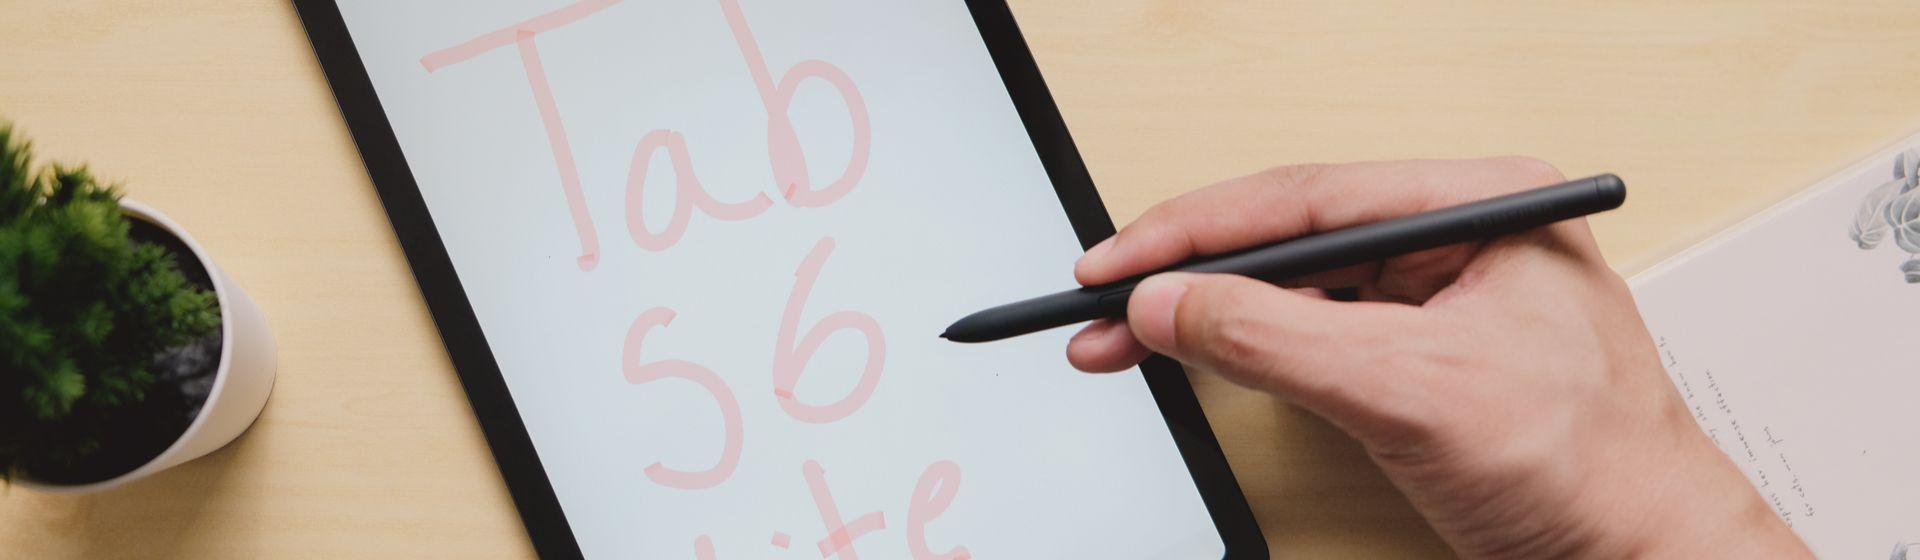 Tablets mais vendidos: Galaxy Tab S6 Lite fica em 1º em fevereiro